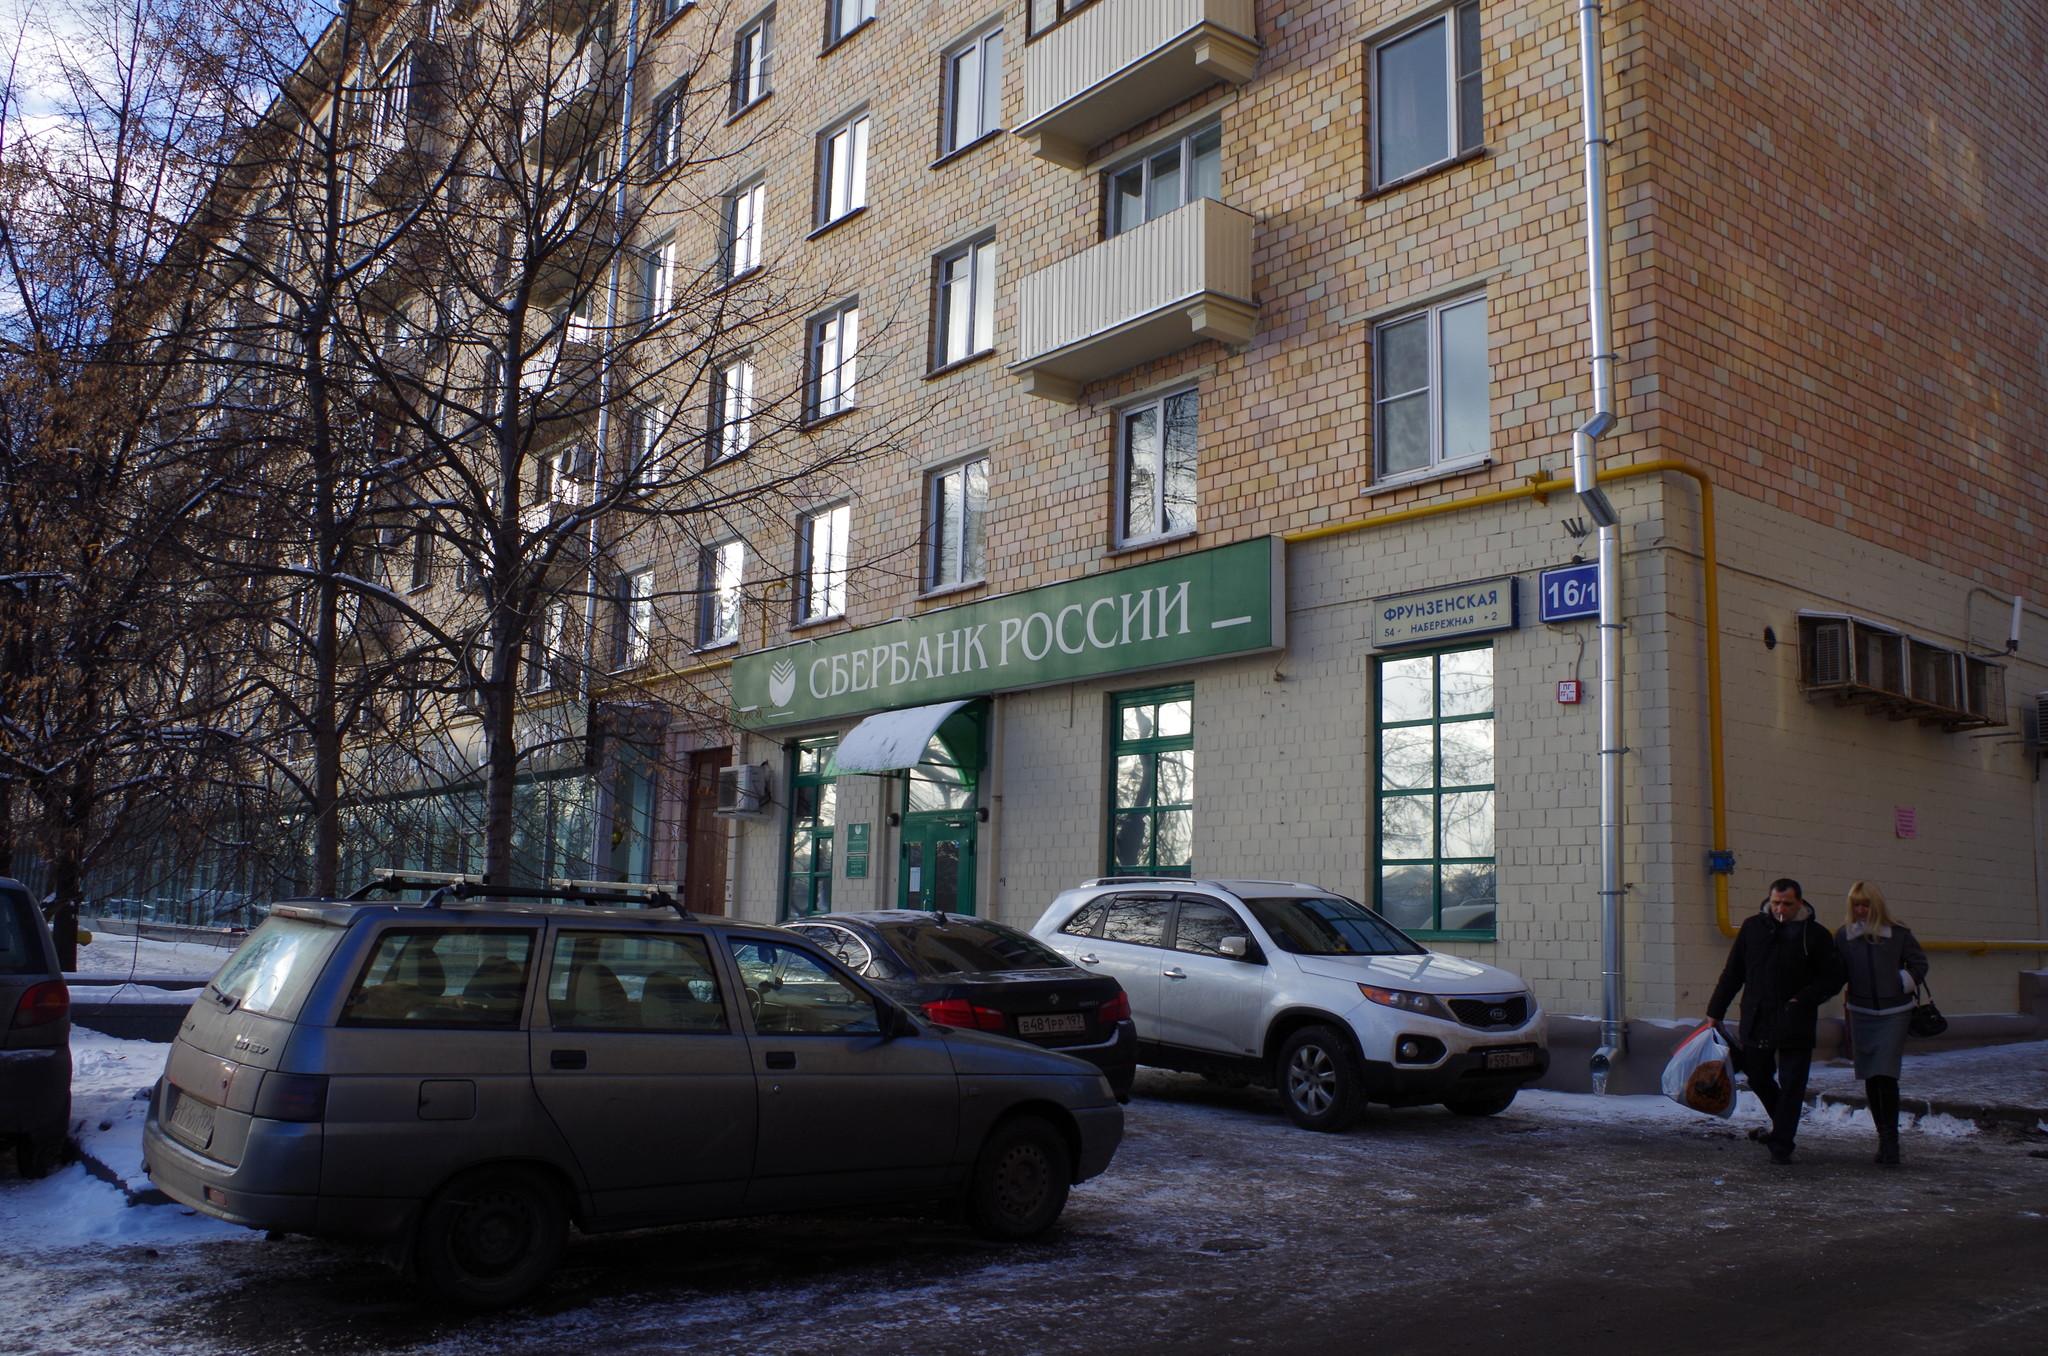 Фрунзенская набережная, дом 16, корпус 1